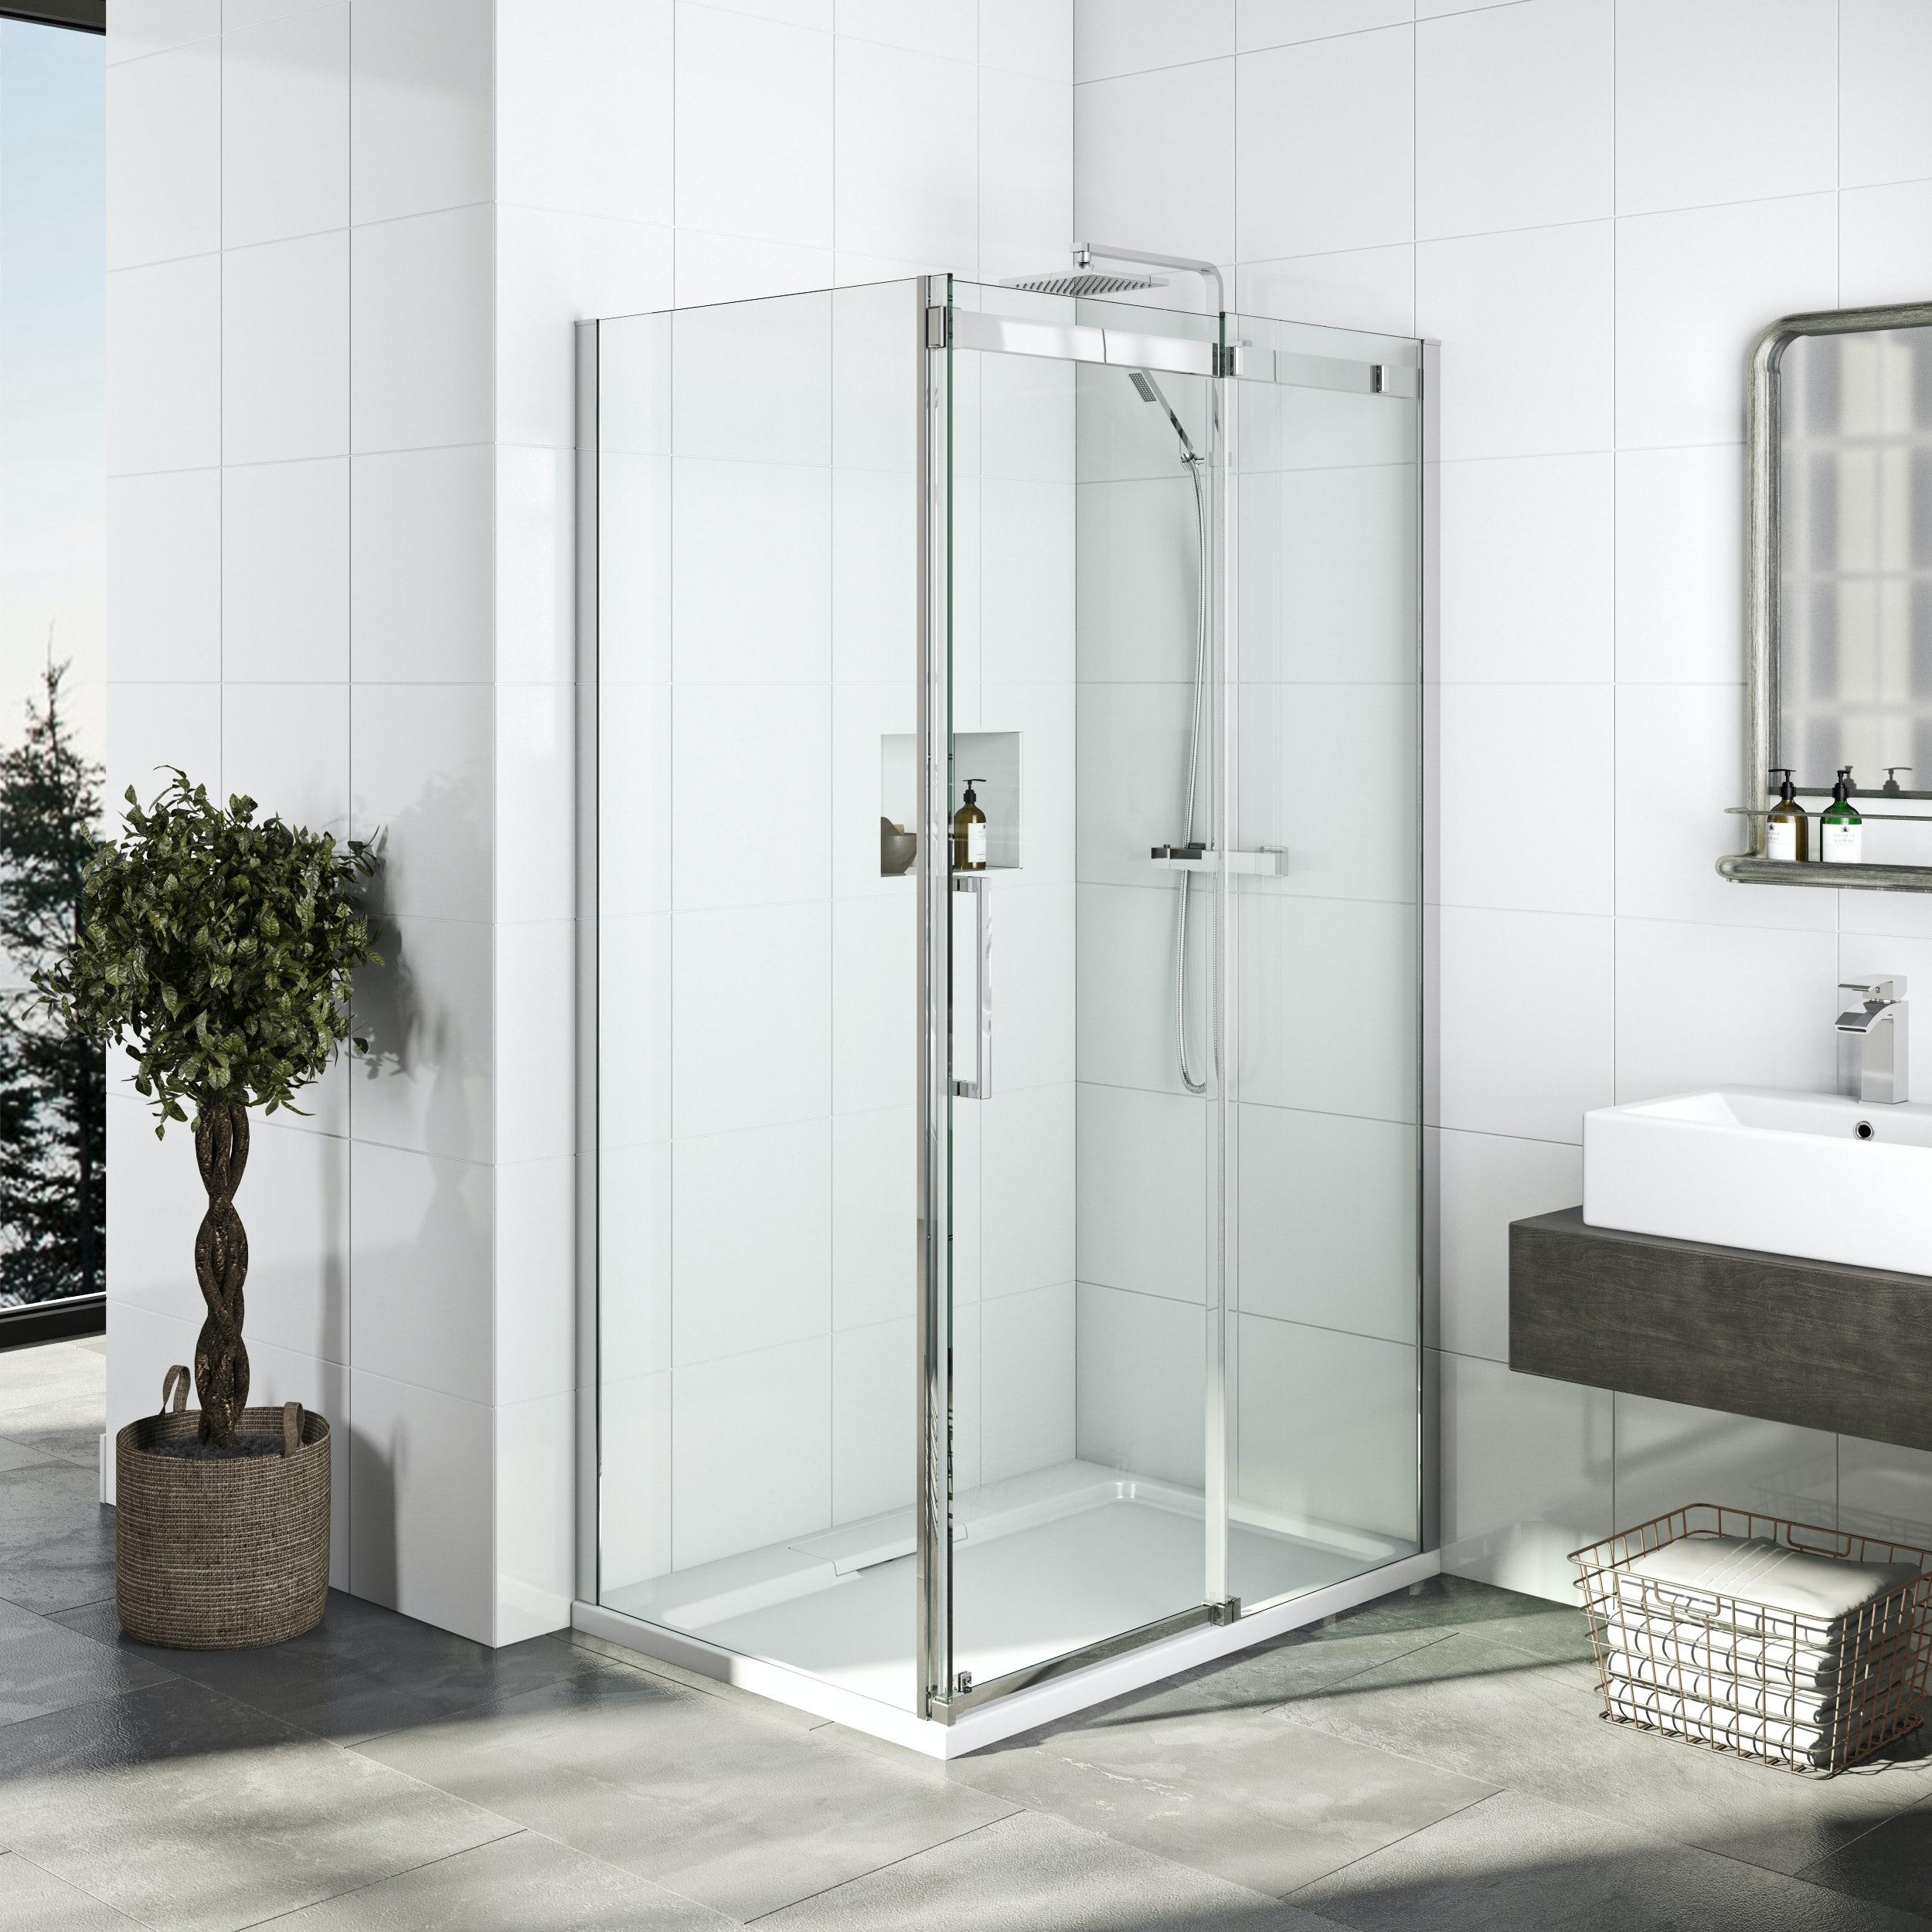 Mode Elite 10mm frameless sliding shower enclosure 1200 x 800